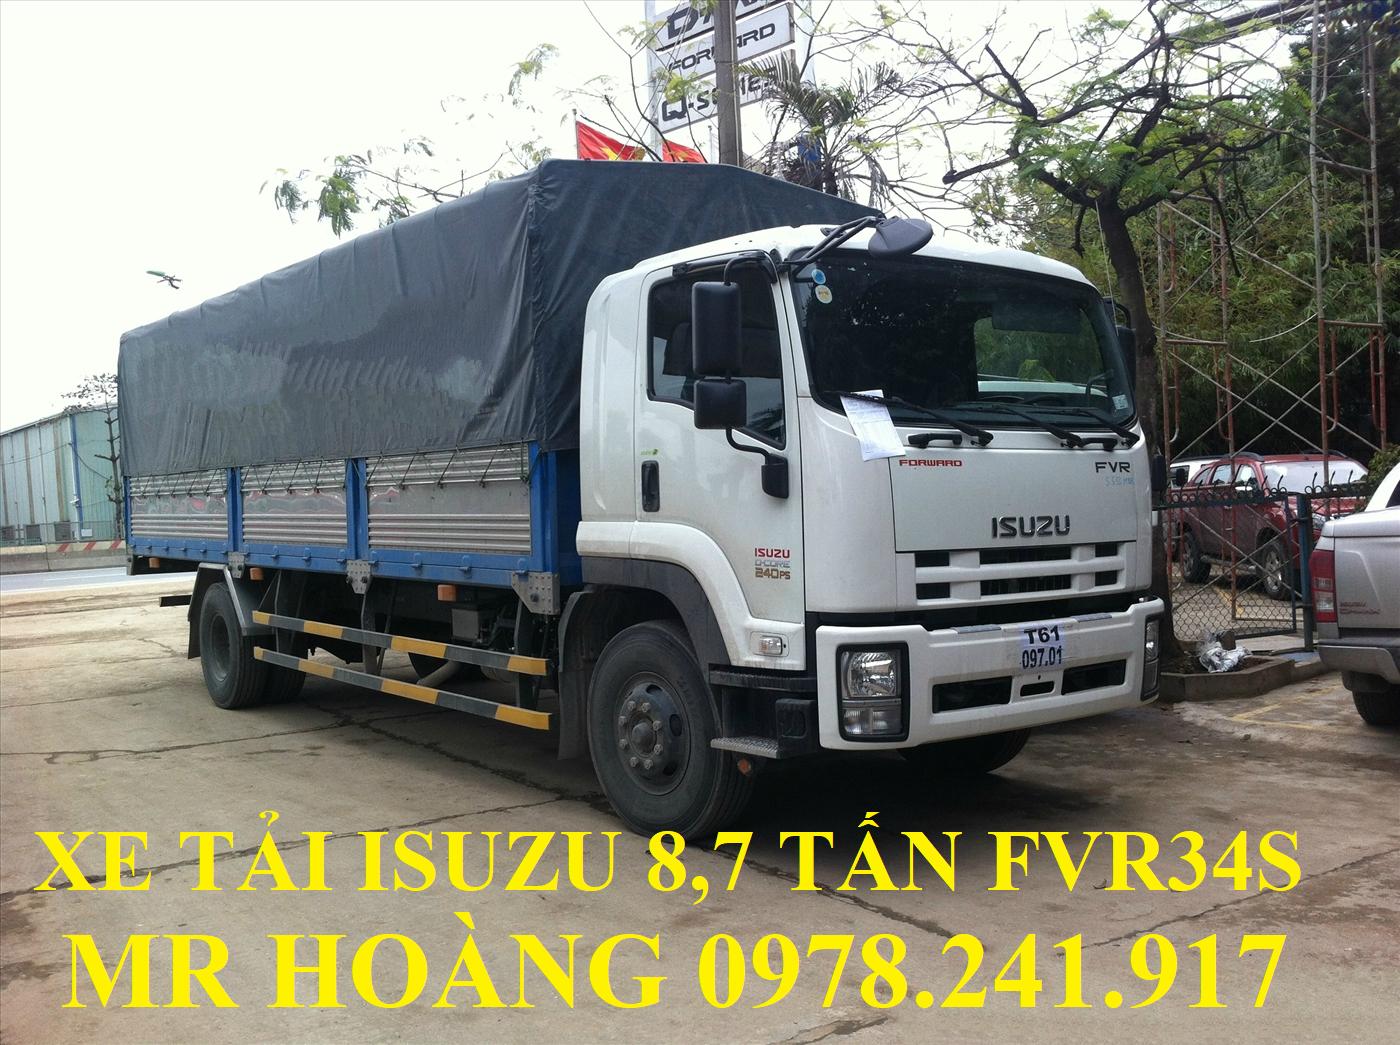 xe tải isuzu 8,7 tấn fvr34s thùng mui bạt dài 8,7 m